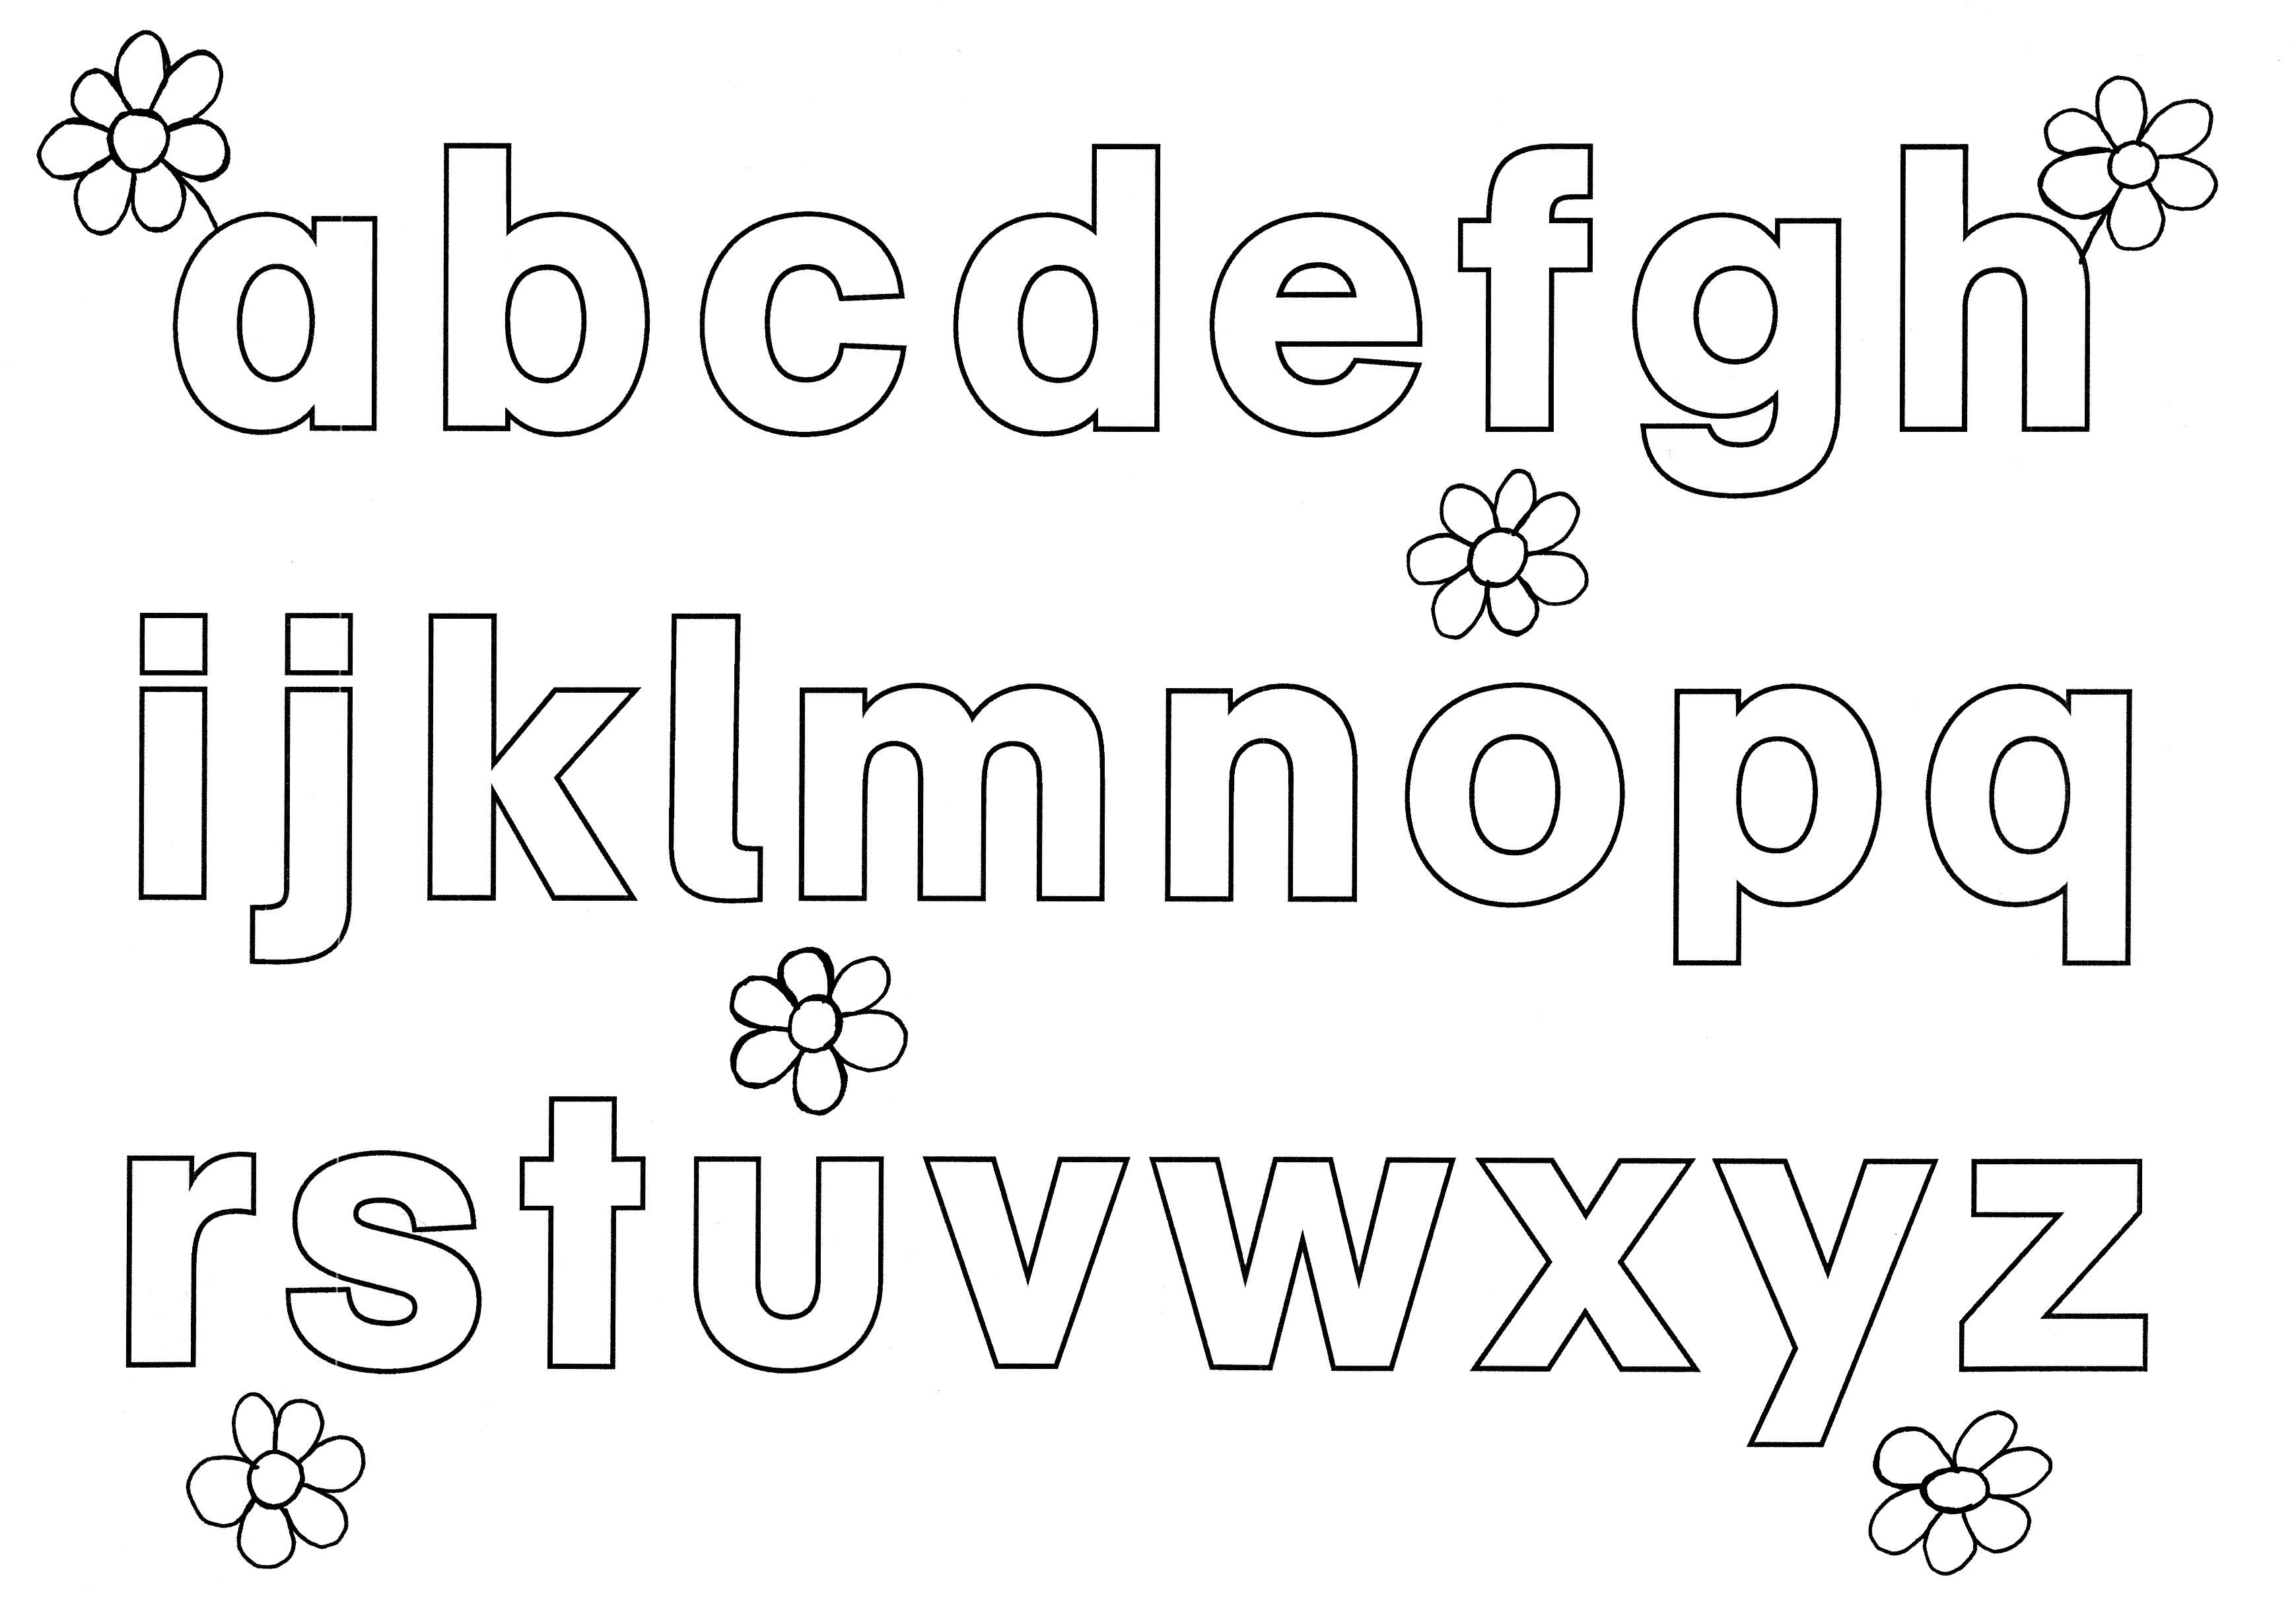 Malvorlagen Alphabet Ausdrucken